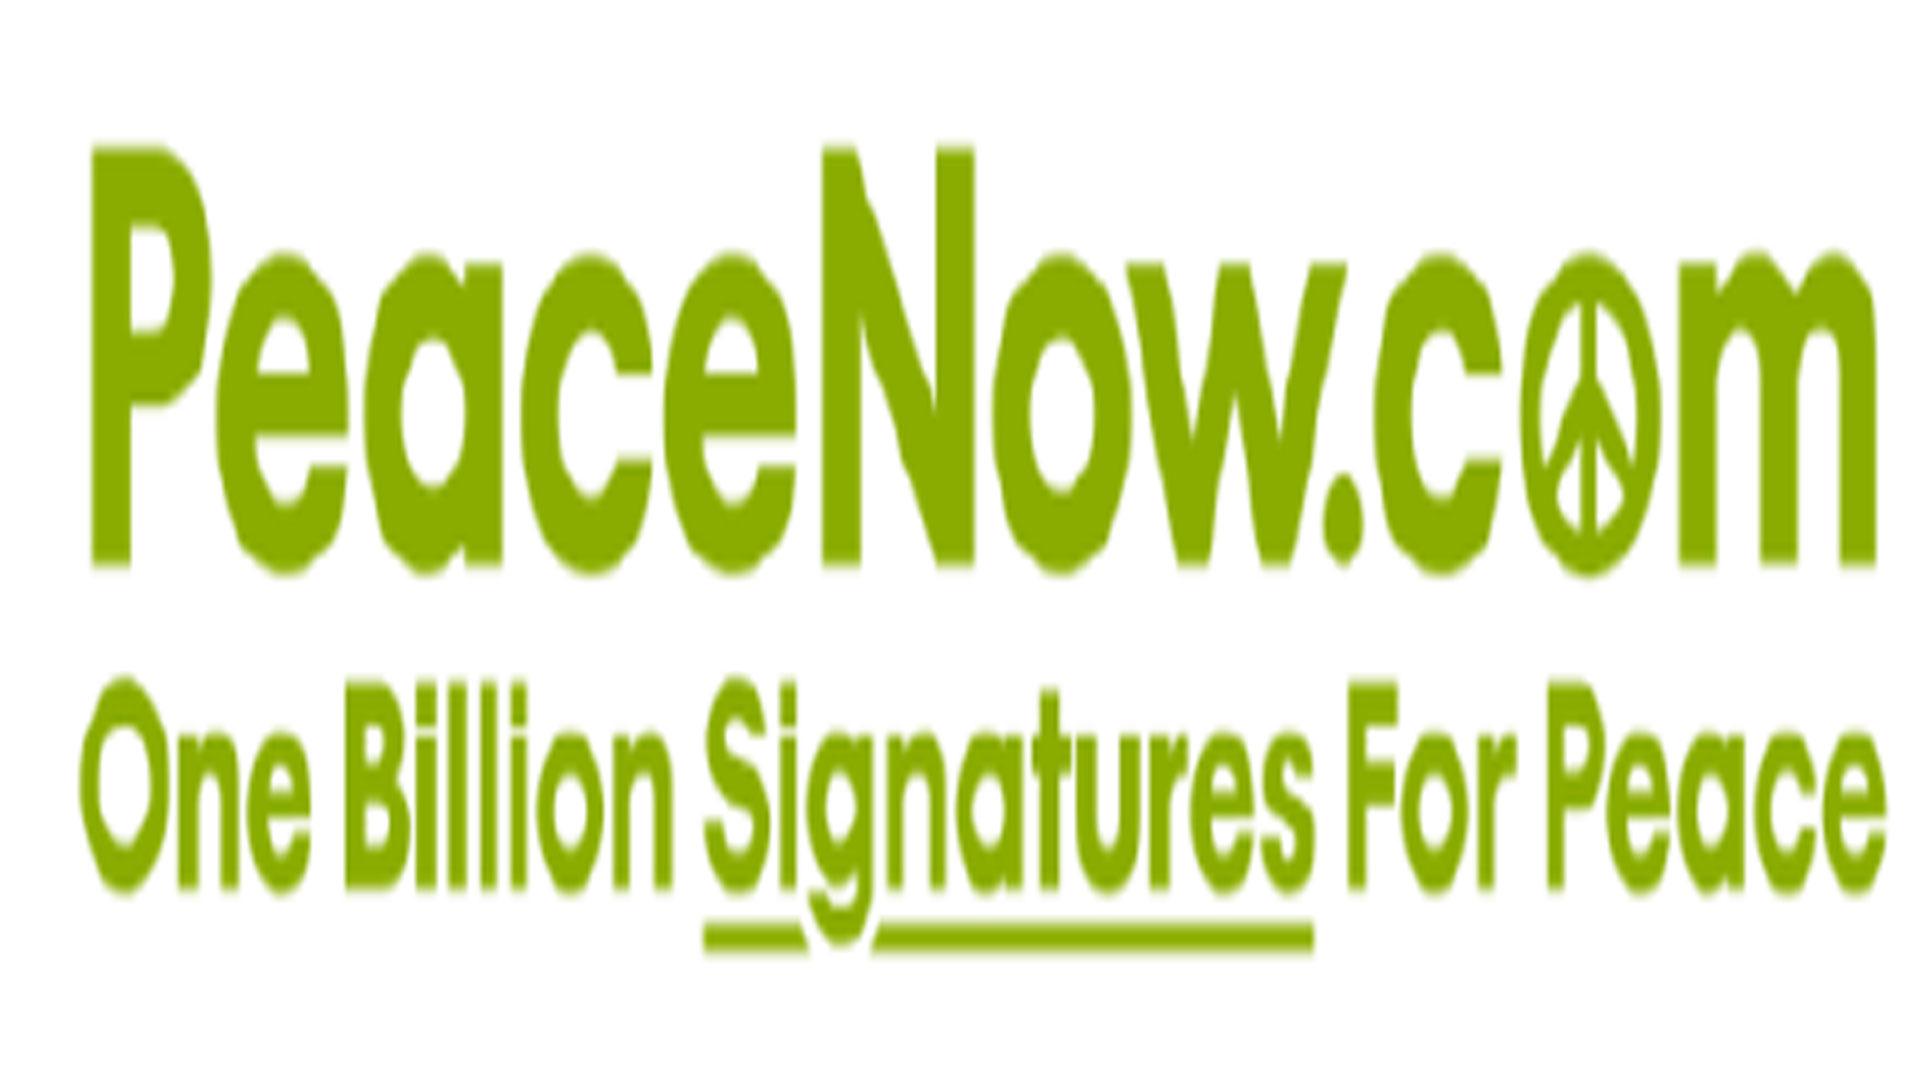 peacenow.com